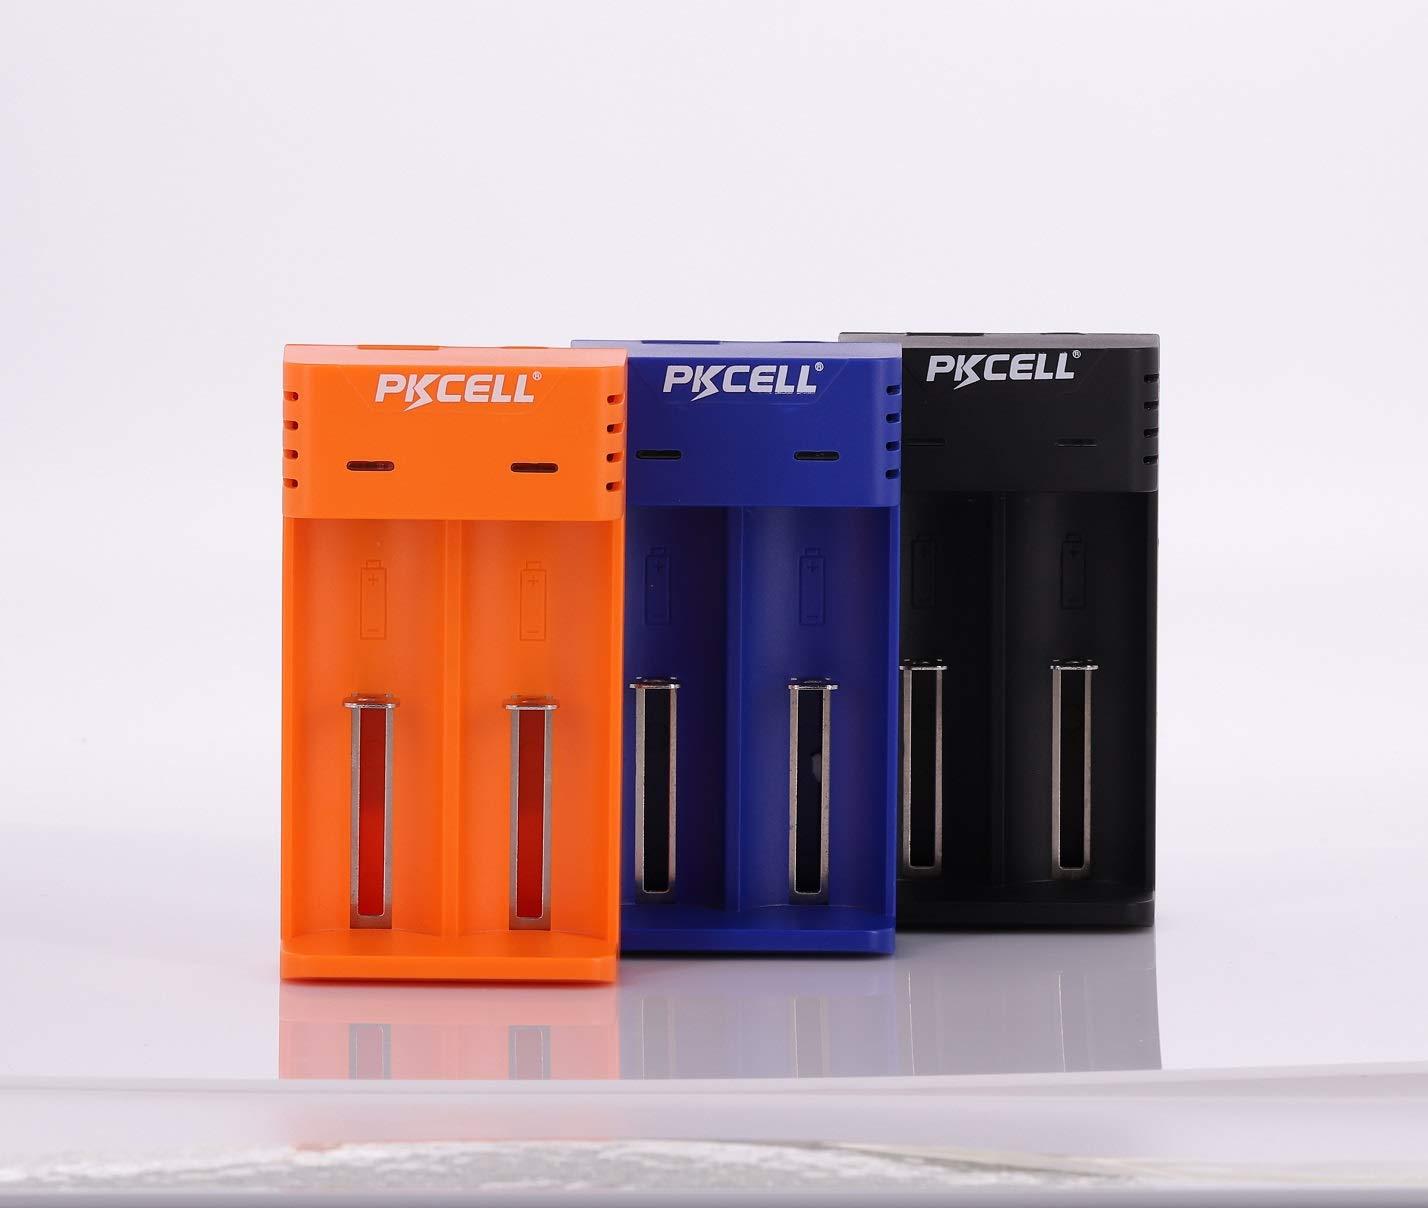 Cargador de bater/ía Dual Universal de Iones de Litio 18650 Carga Ajustable para 16340 14500 10440 17500 Bater/ía Recargable de Iones de Litio 18350 Negro